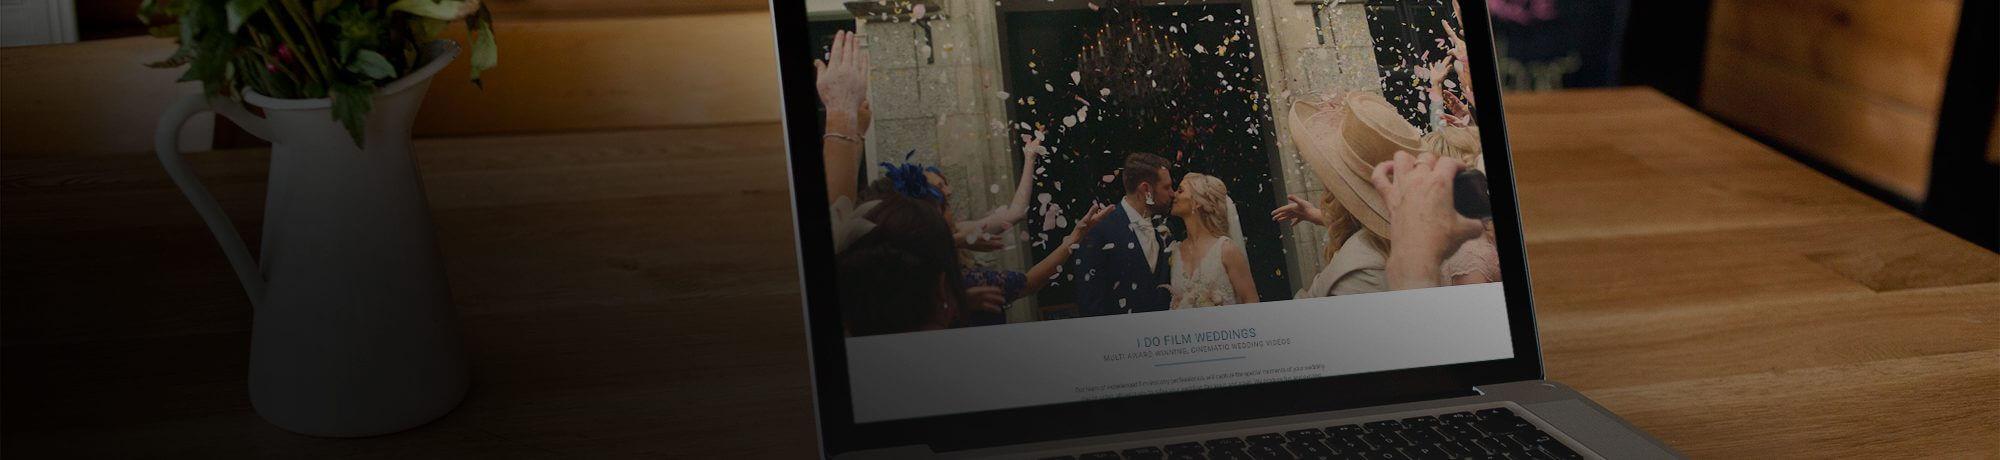 i do film weddings website main 2000x460 - I Do Film Weddings